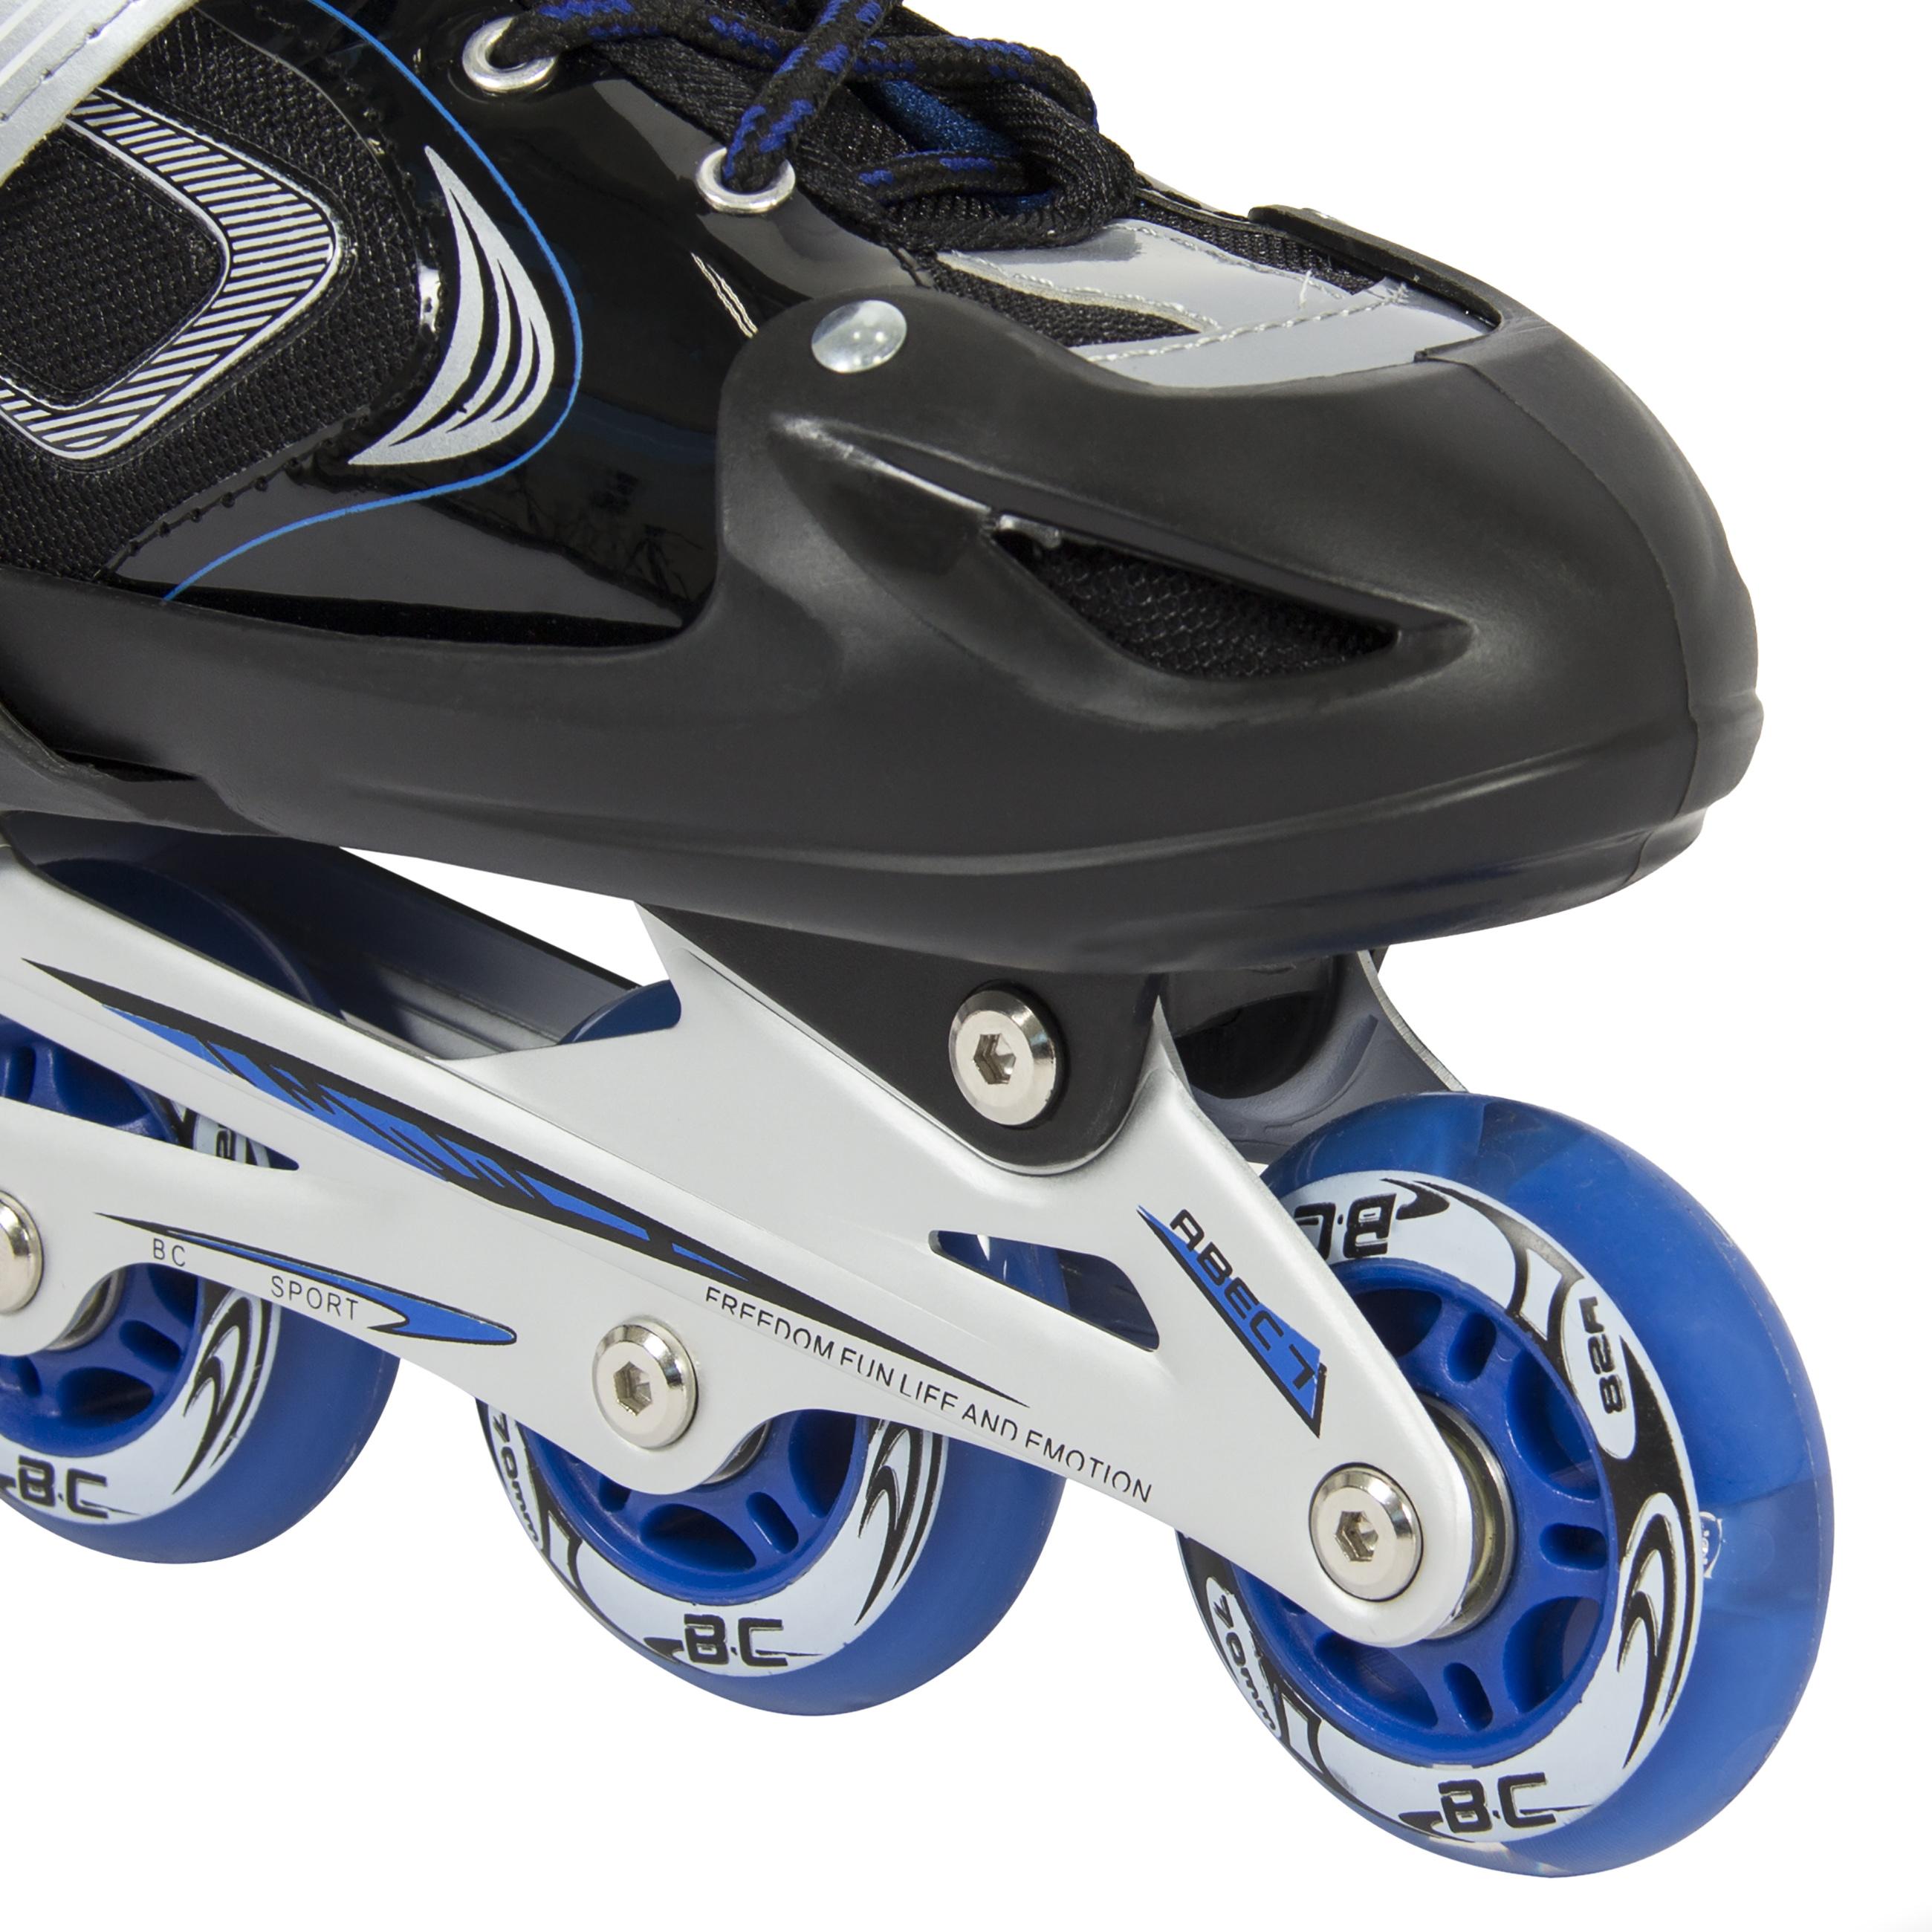 Pop out roller skate shoes - Bcp Adjustable Kid Inline Skates Roller Blades Iluminating Outdoor Sport Blue Walmart Com